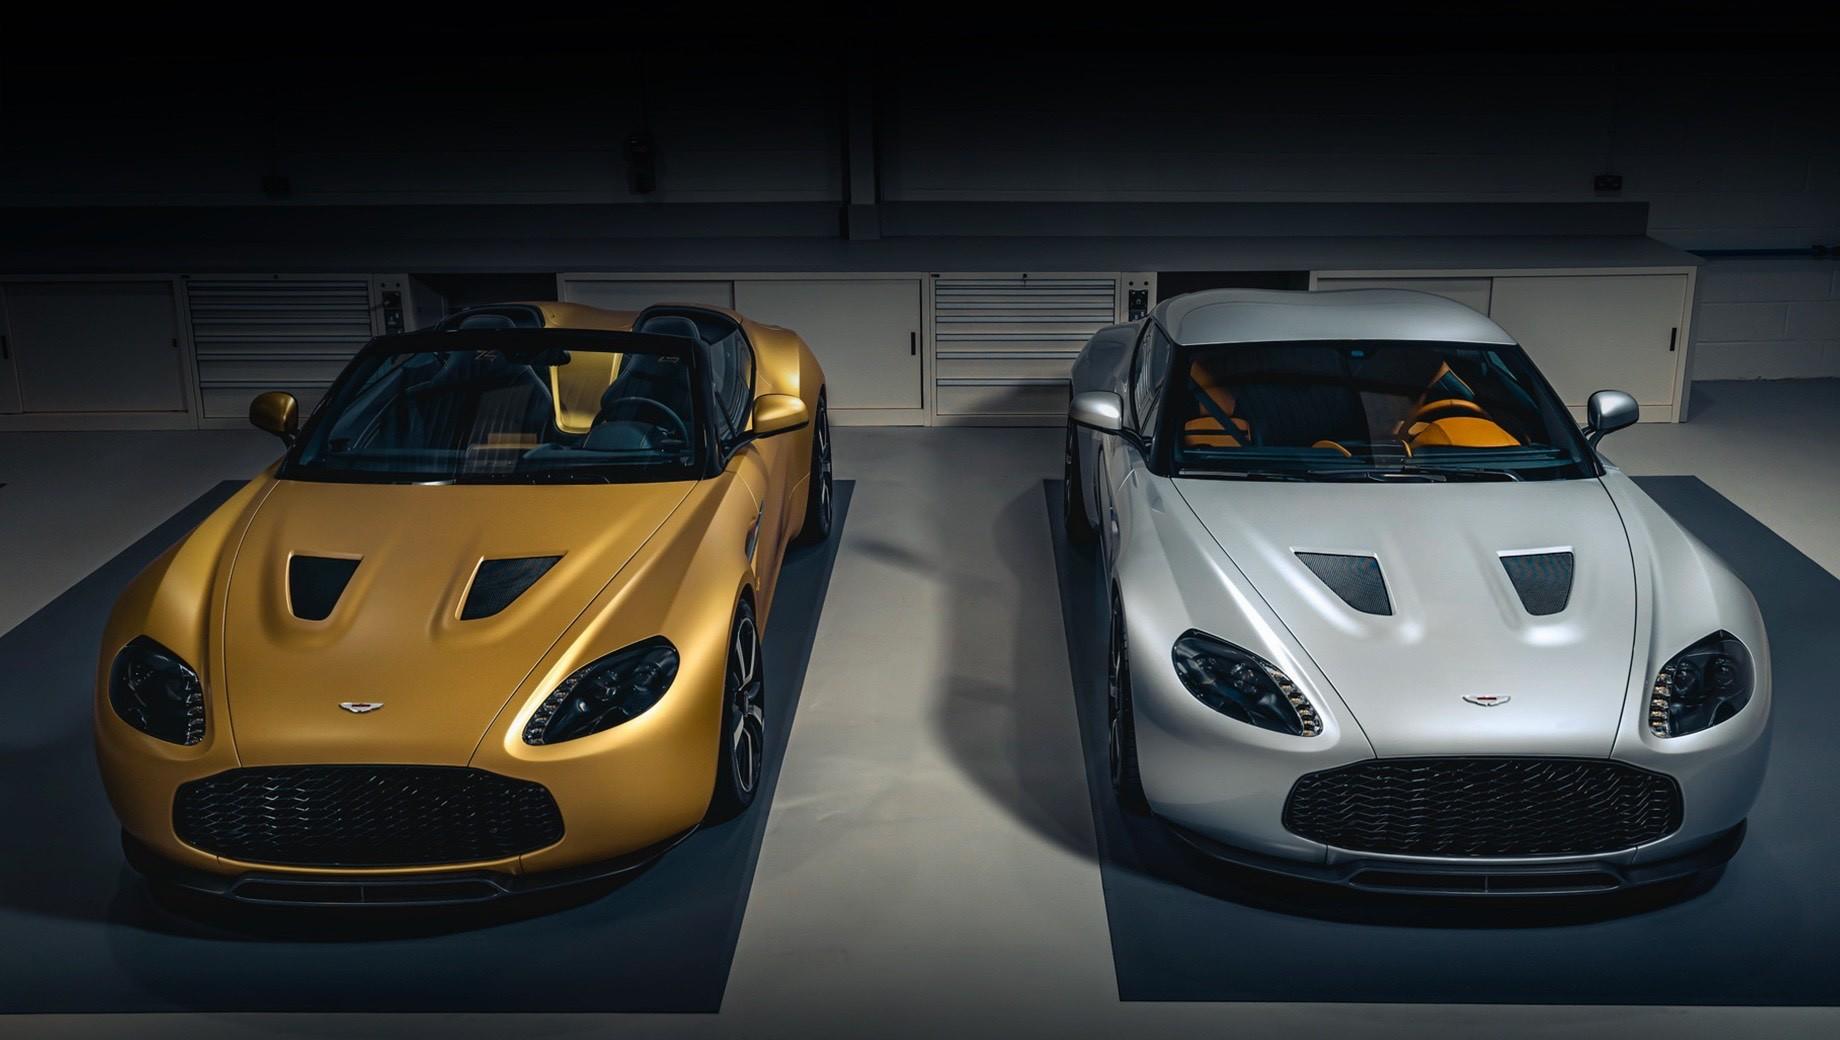 Aston Martin Vantage V12 покинул конвейер ещё пару лет назад, но особые проекты на его базе продолжают появляться. Например, ателье Zagato посвятило своему вековому юбилею версию Zagato Heritage Twins by R-Reforged: выпустят всего 19 пар, включающих купе и родстер, которые продаются только вместе. Первые две машины приобрели супруги Андреа и Марелле Загато.